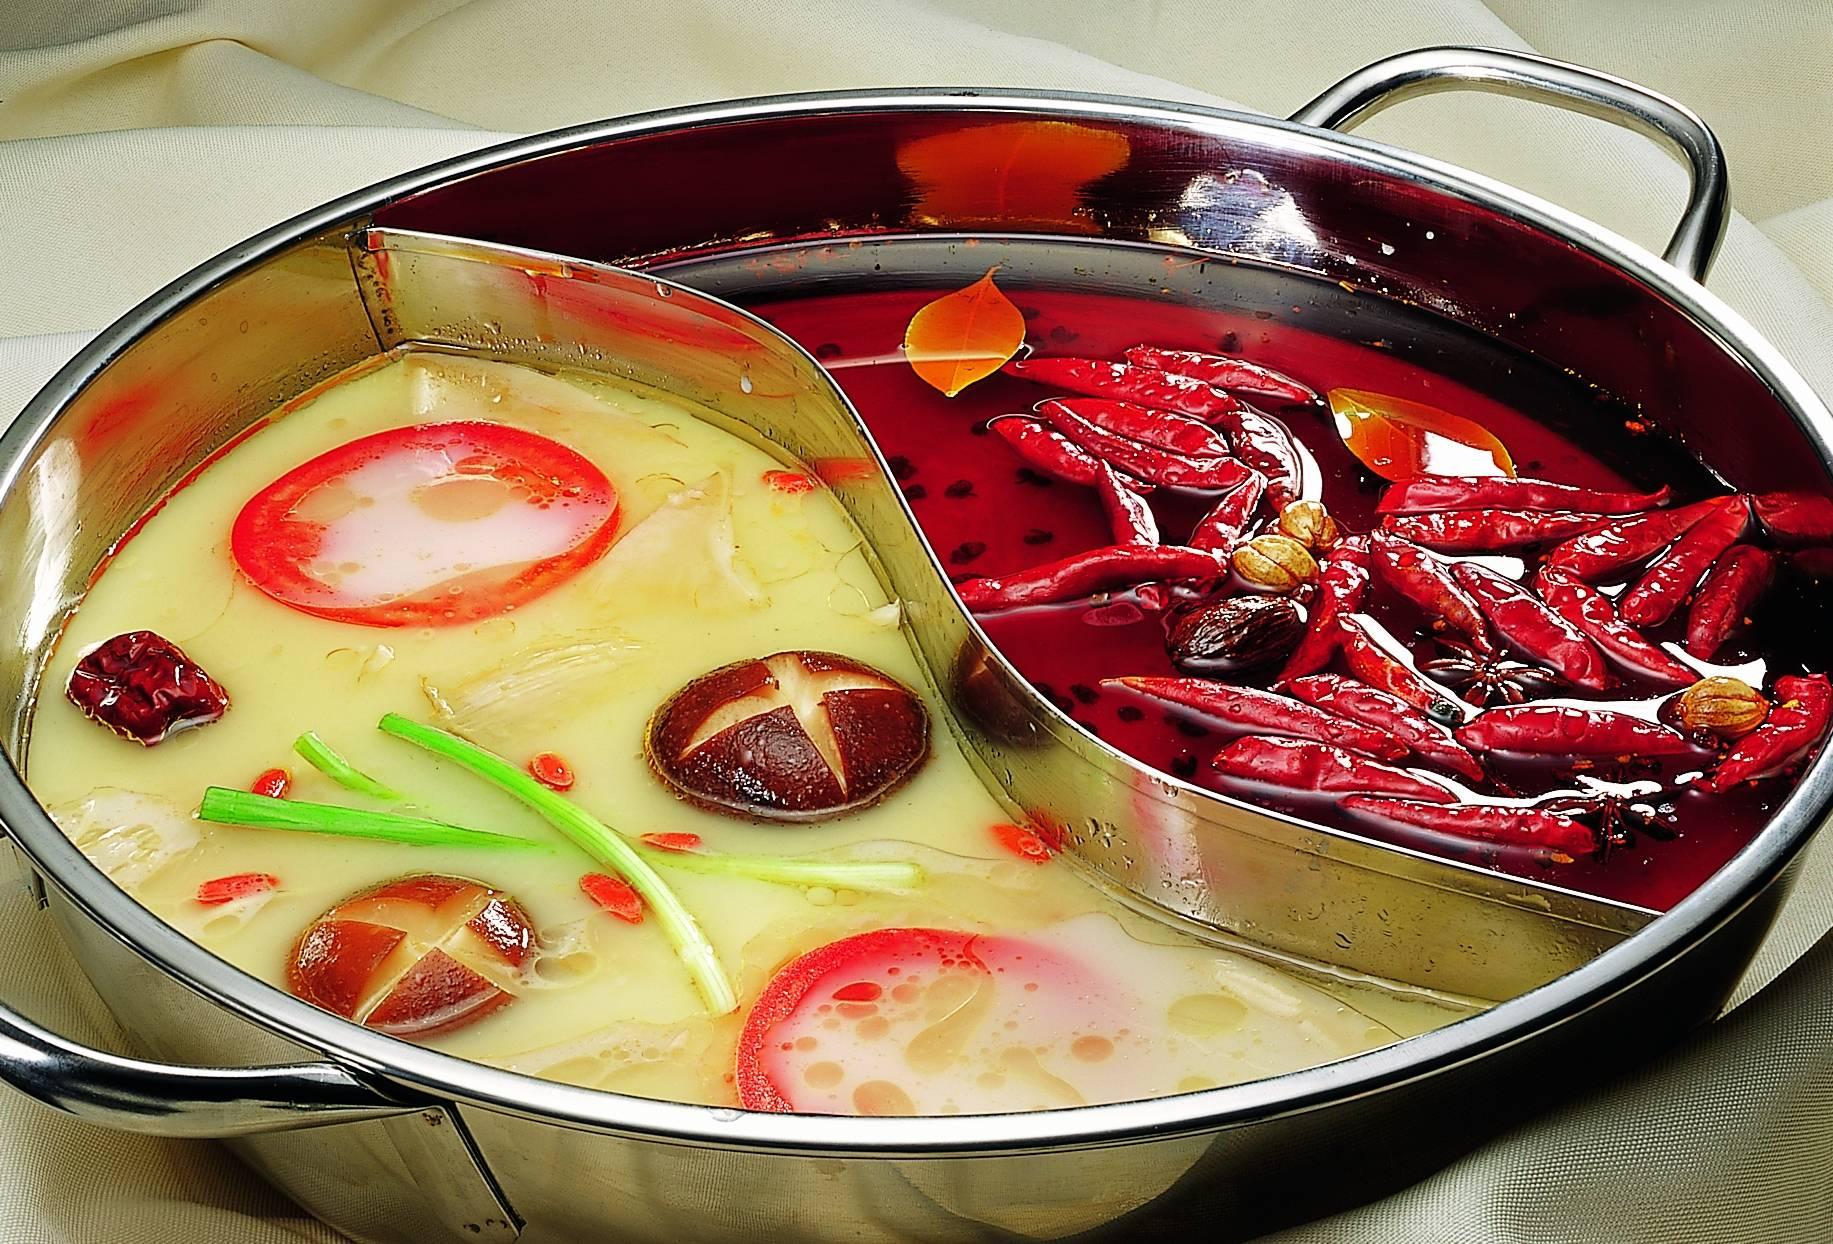 回转火锅中红汤与白汤的较量。